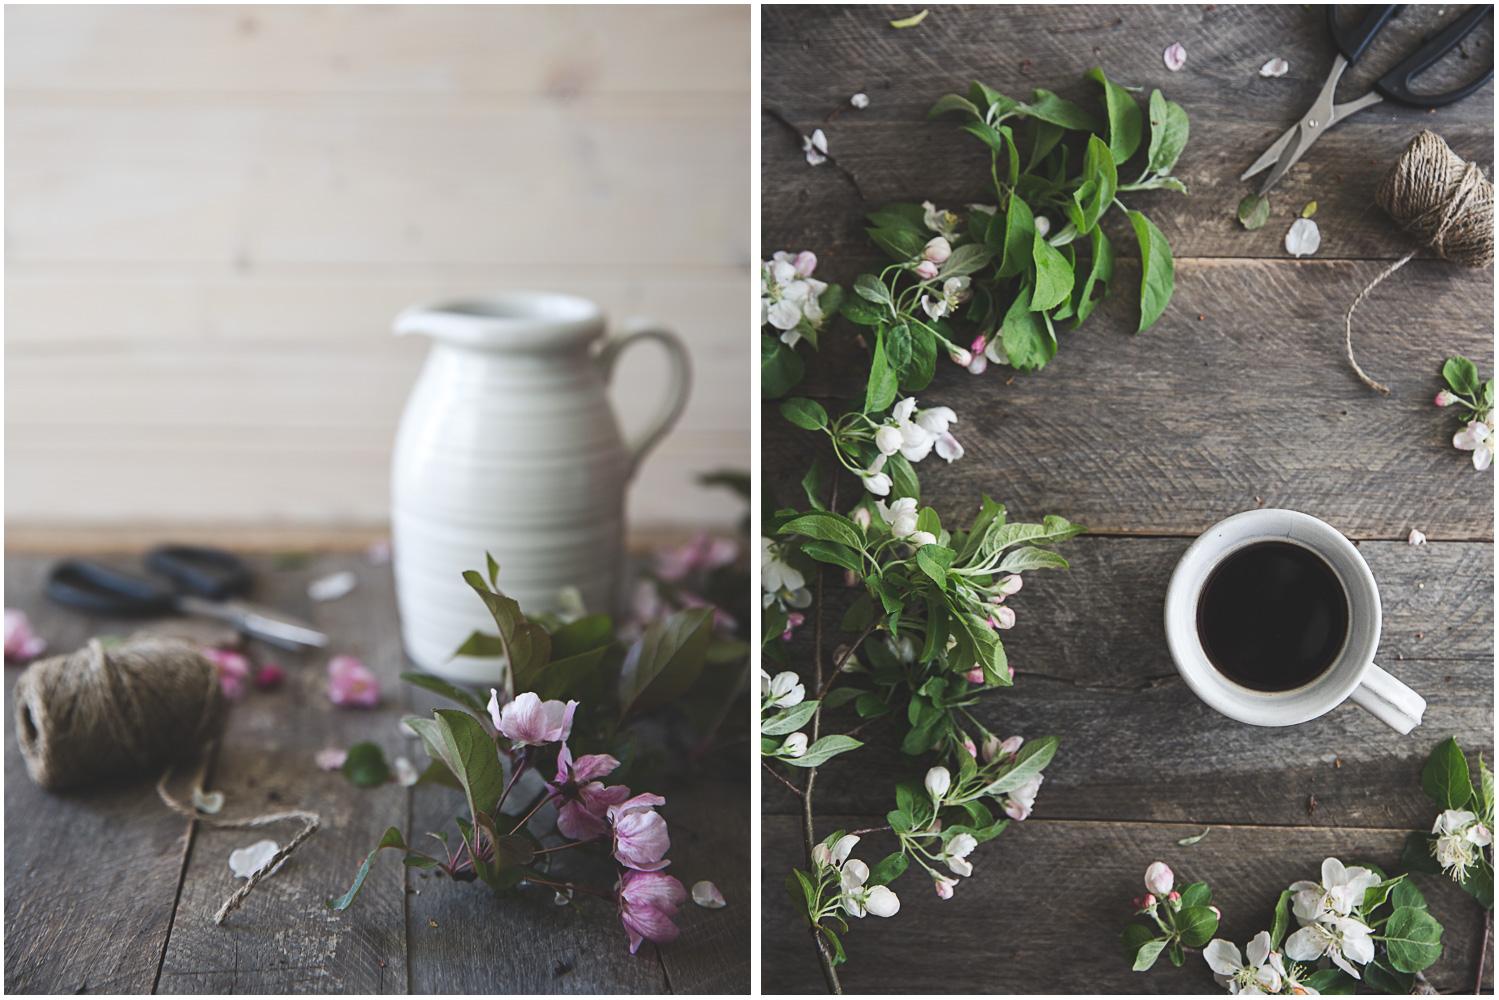 Bragg_Kate_Spring_17_Blossoms7.jpg